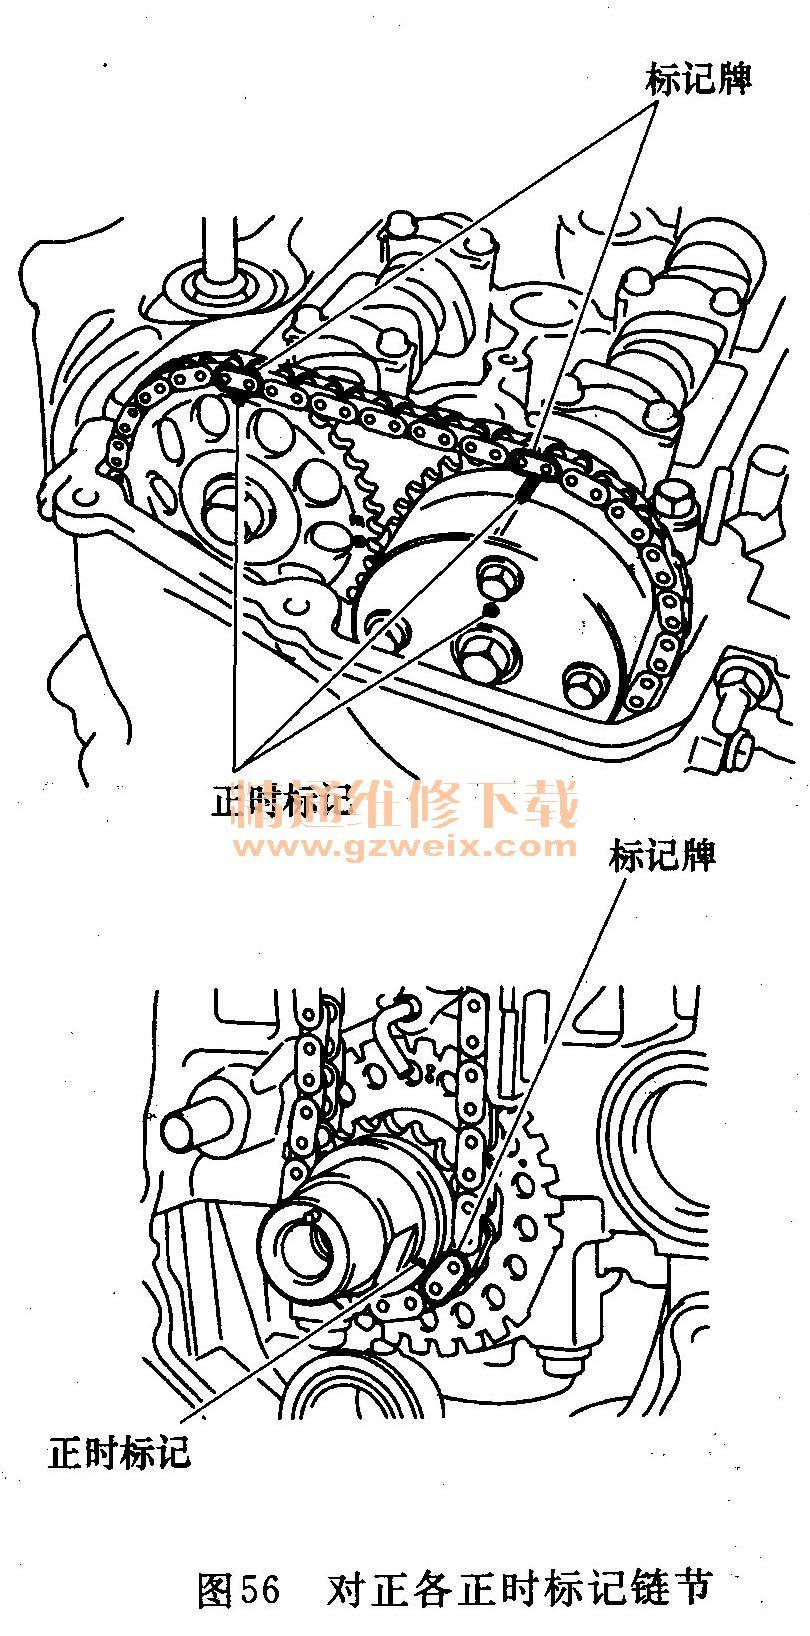 丰田威驰1.3l 2nz-fe发动机正时校对方法 - 精